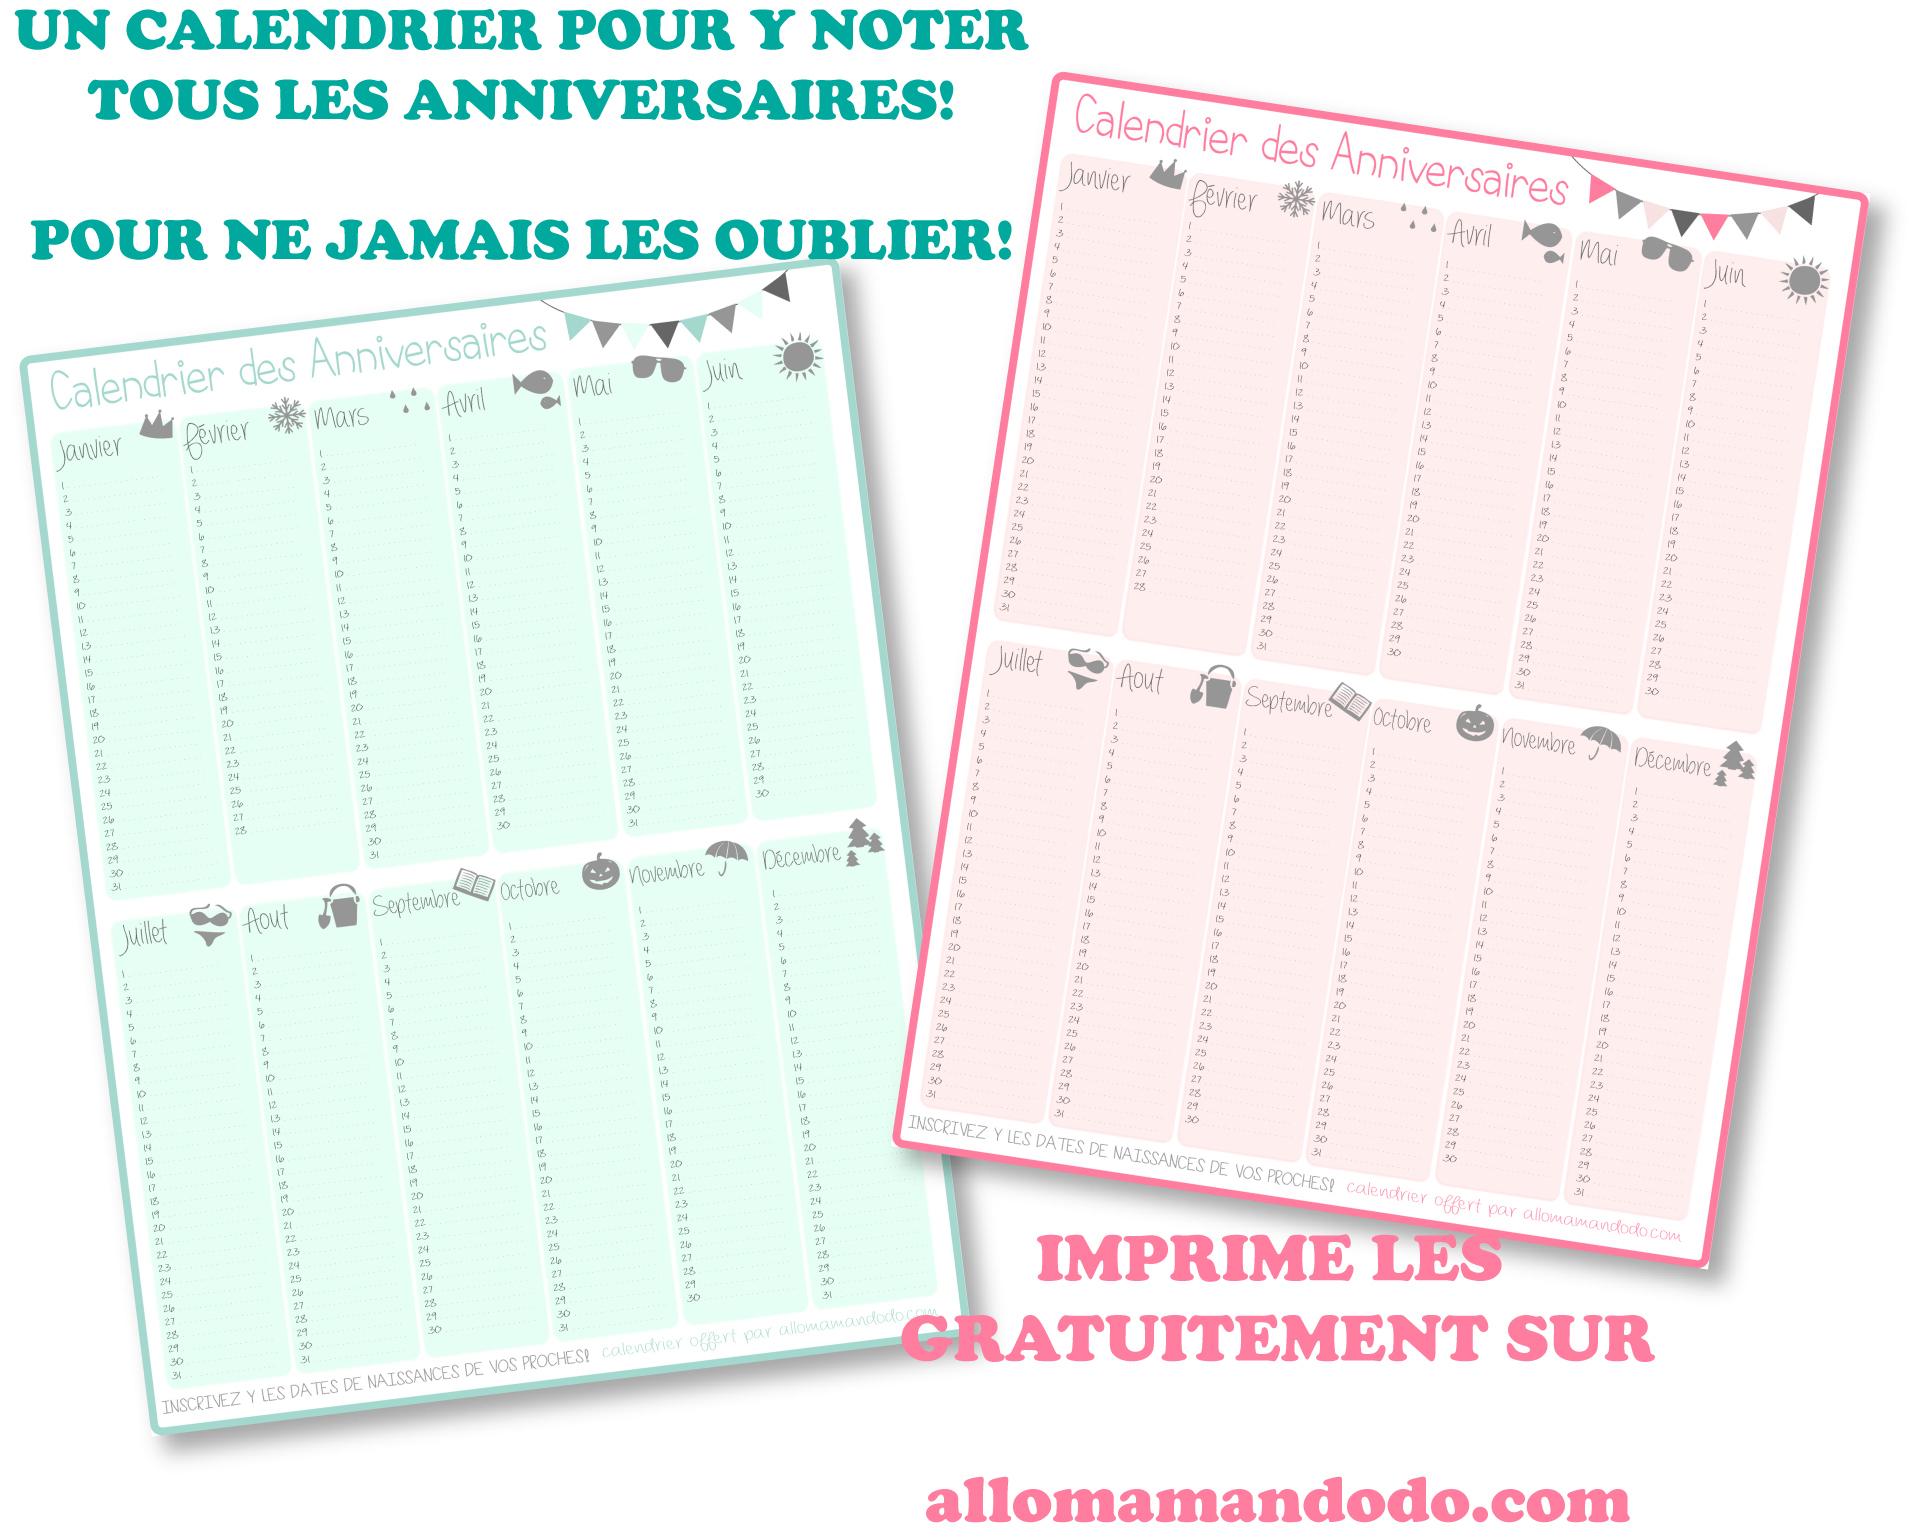 Un Calendrier Des Anniversaires… Pour Ne Jamais Plus Les destiné Calendrier Perpetuel Gratuit Imprimer